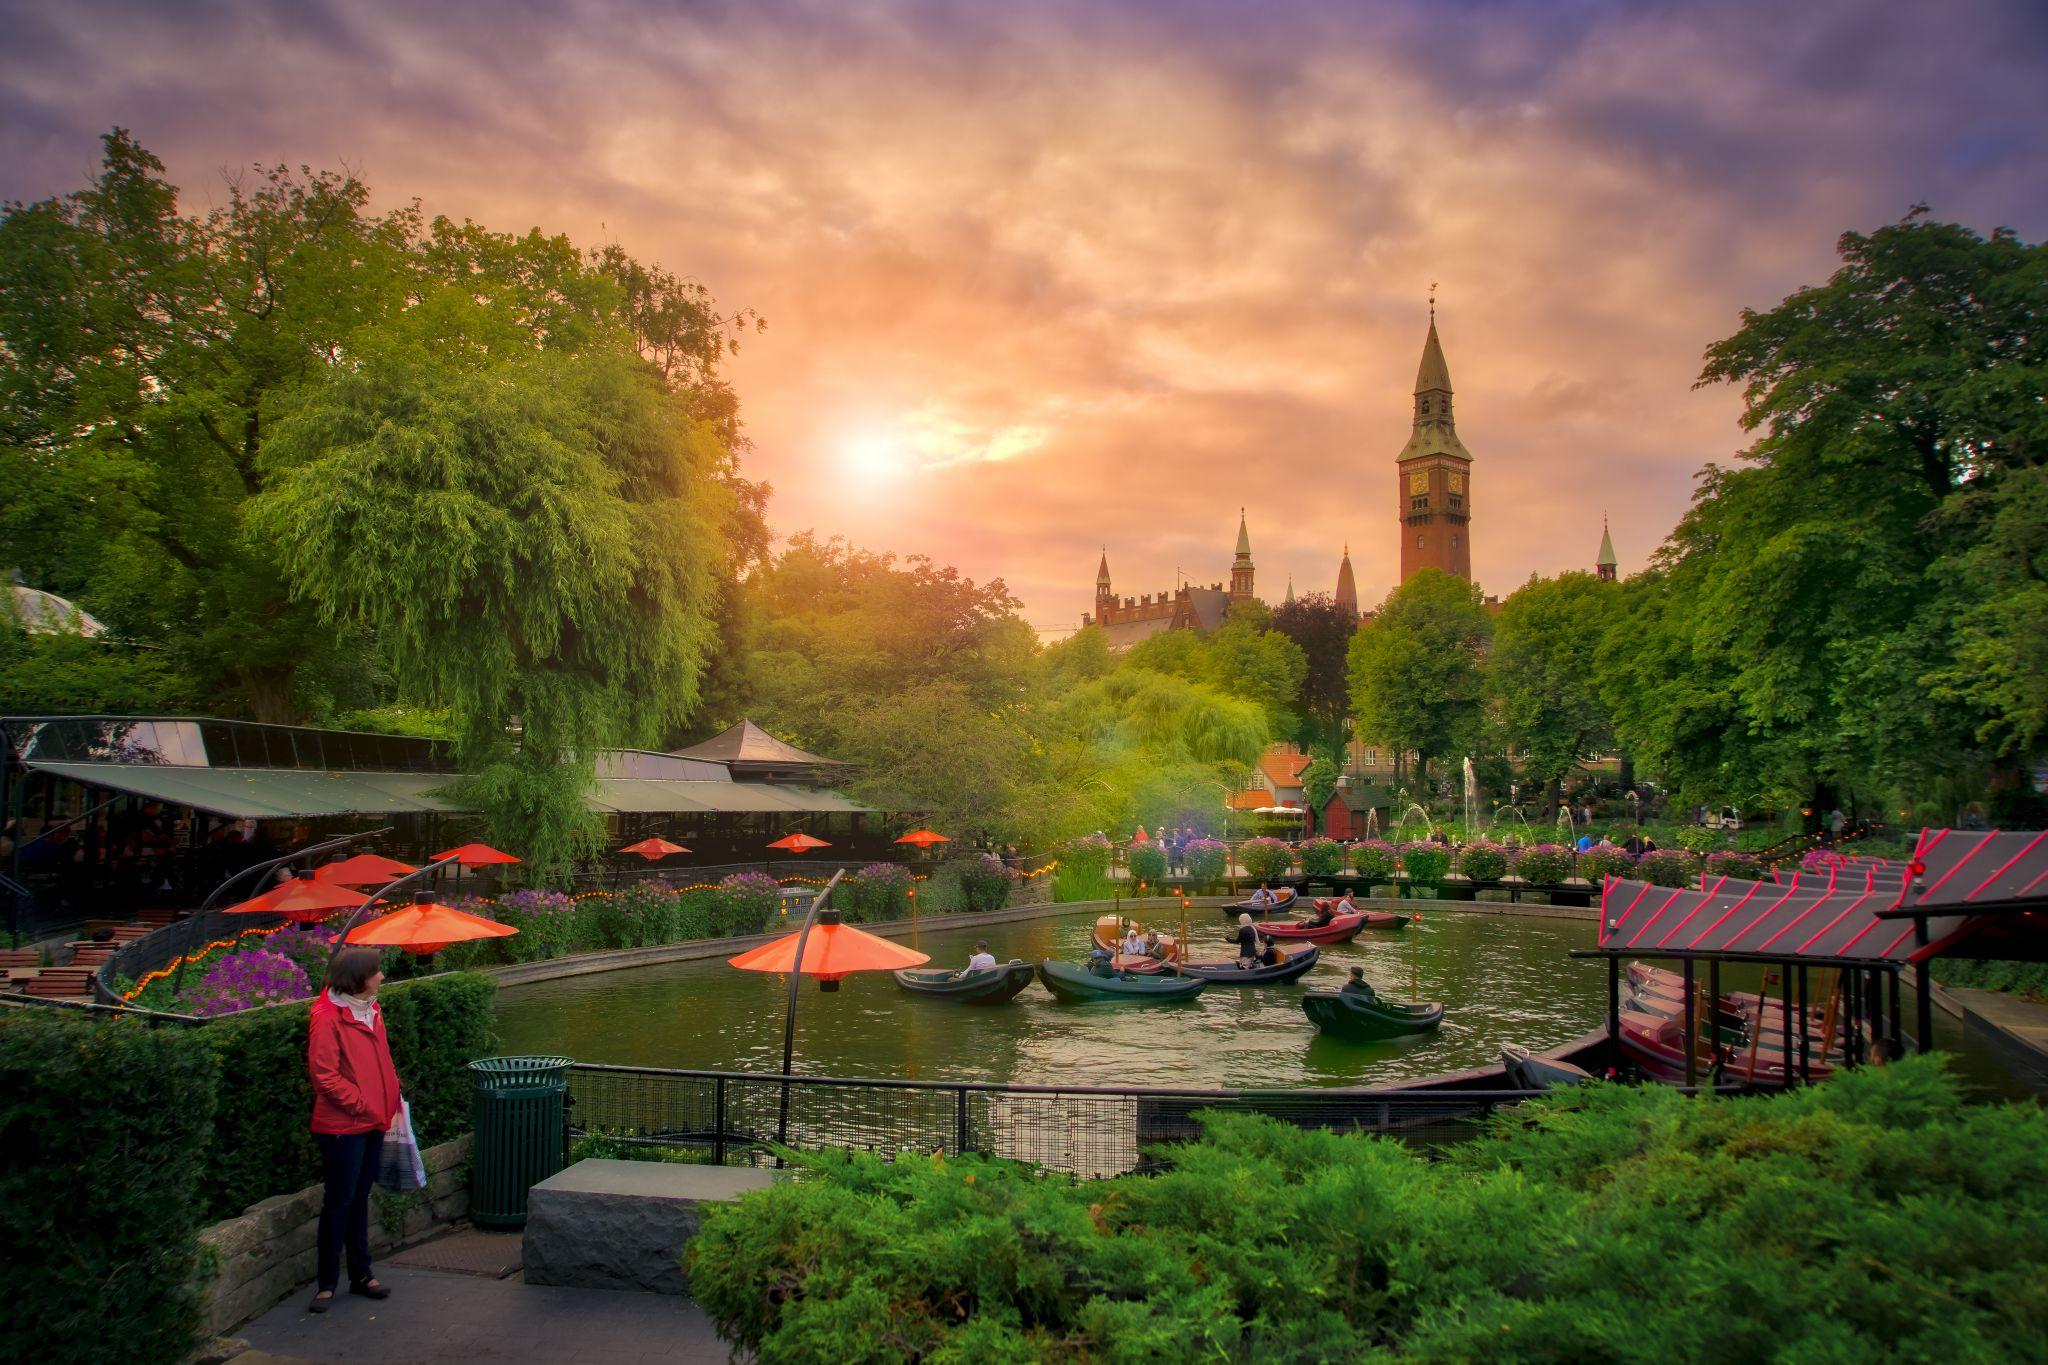 Tivoli Garden Sunset, Denmark